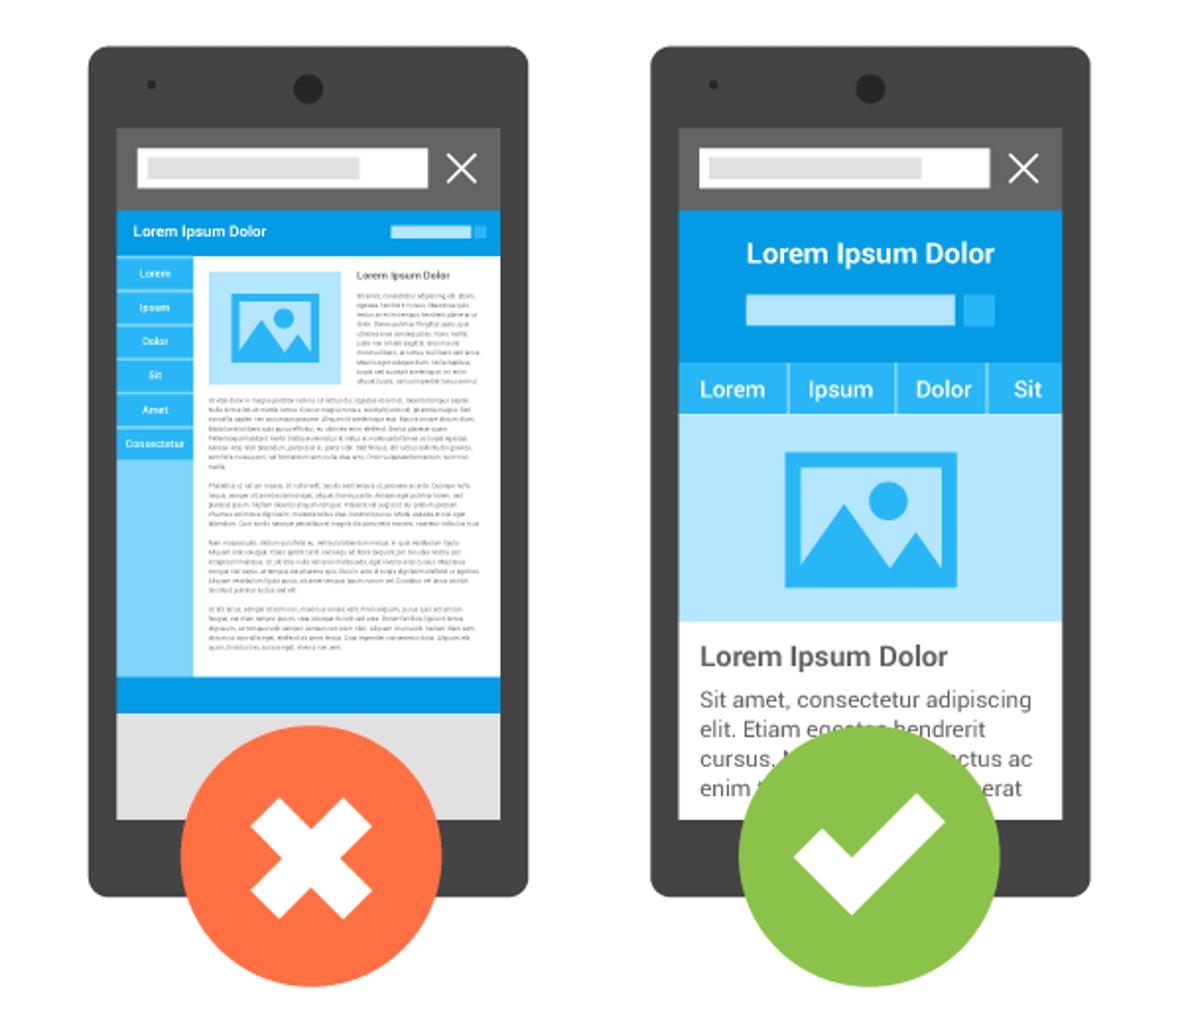 esempio siti mobile friendly